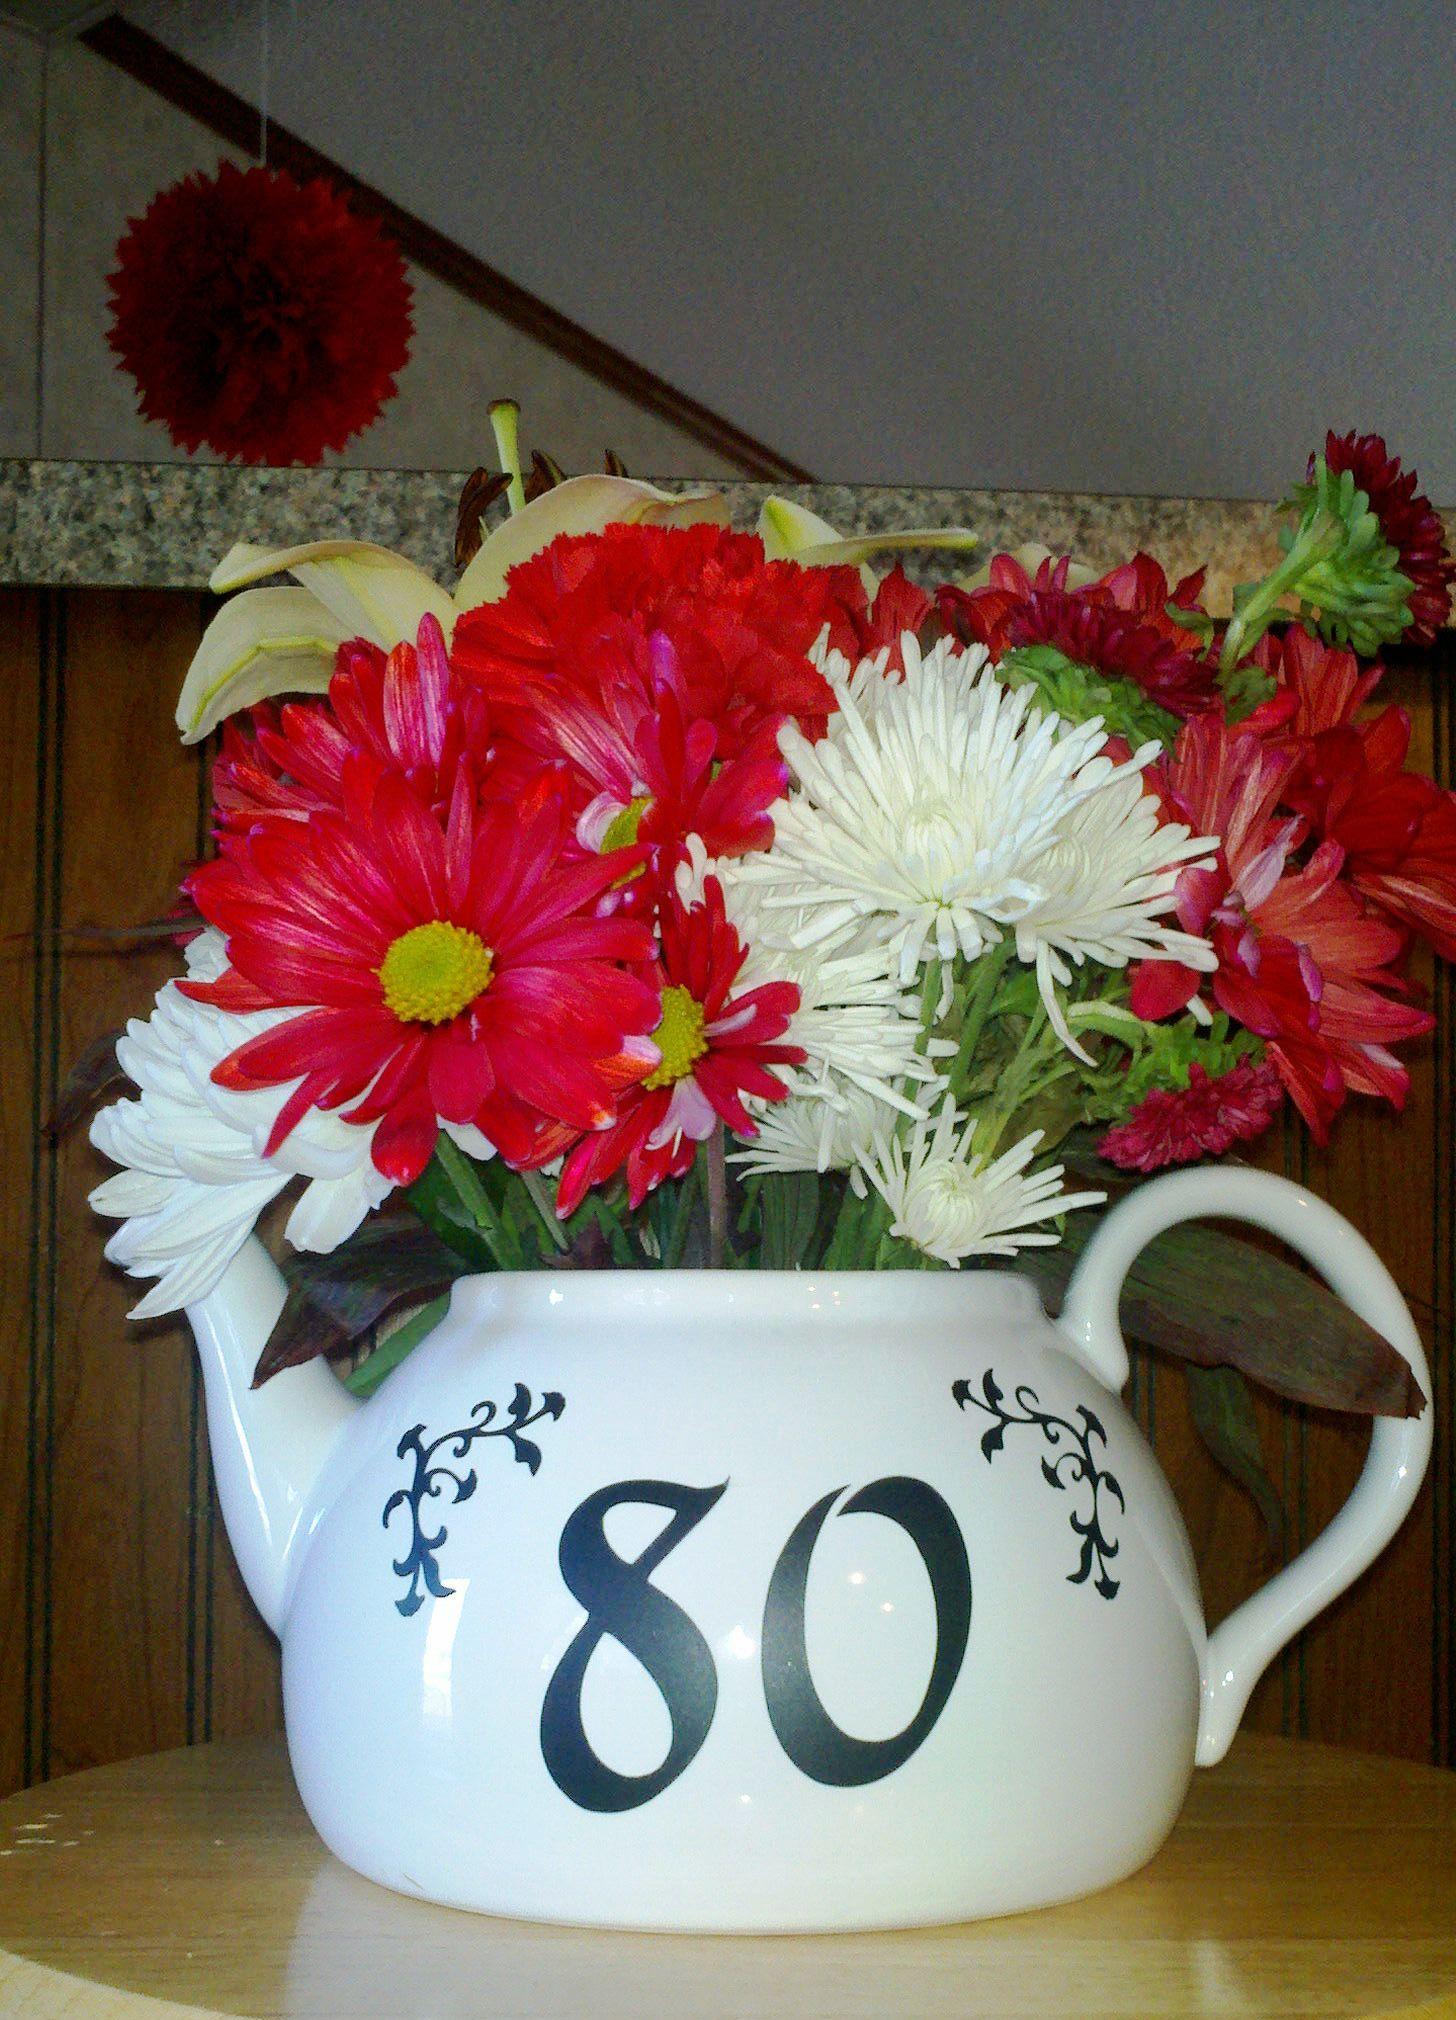 Teapot flower arrangement wcricut vinyl made for 80th birthday tea teapot flower arrangement wcricut vinyl made for 80th birthday tea party front izmirmasajfo